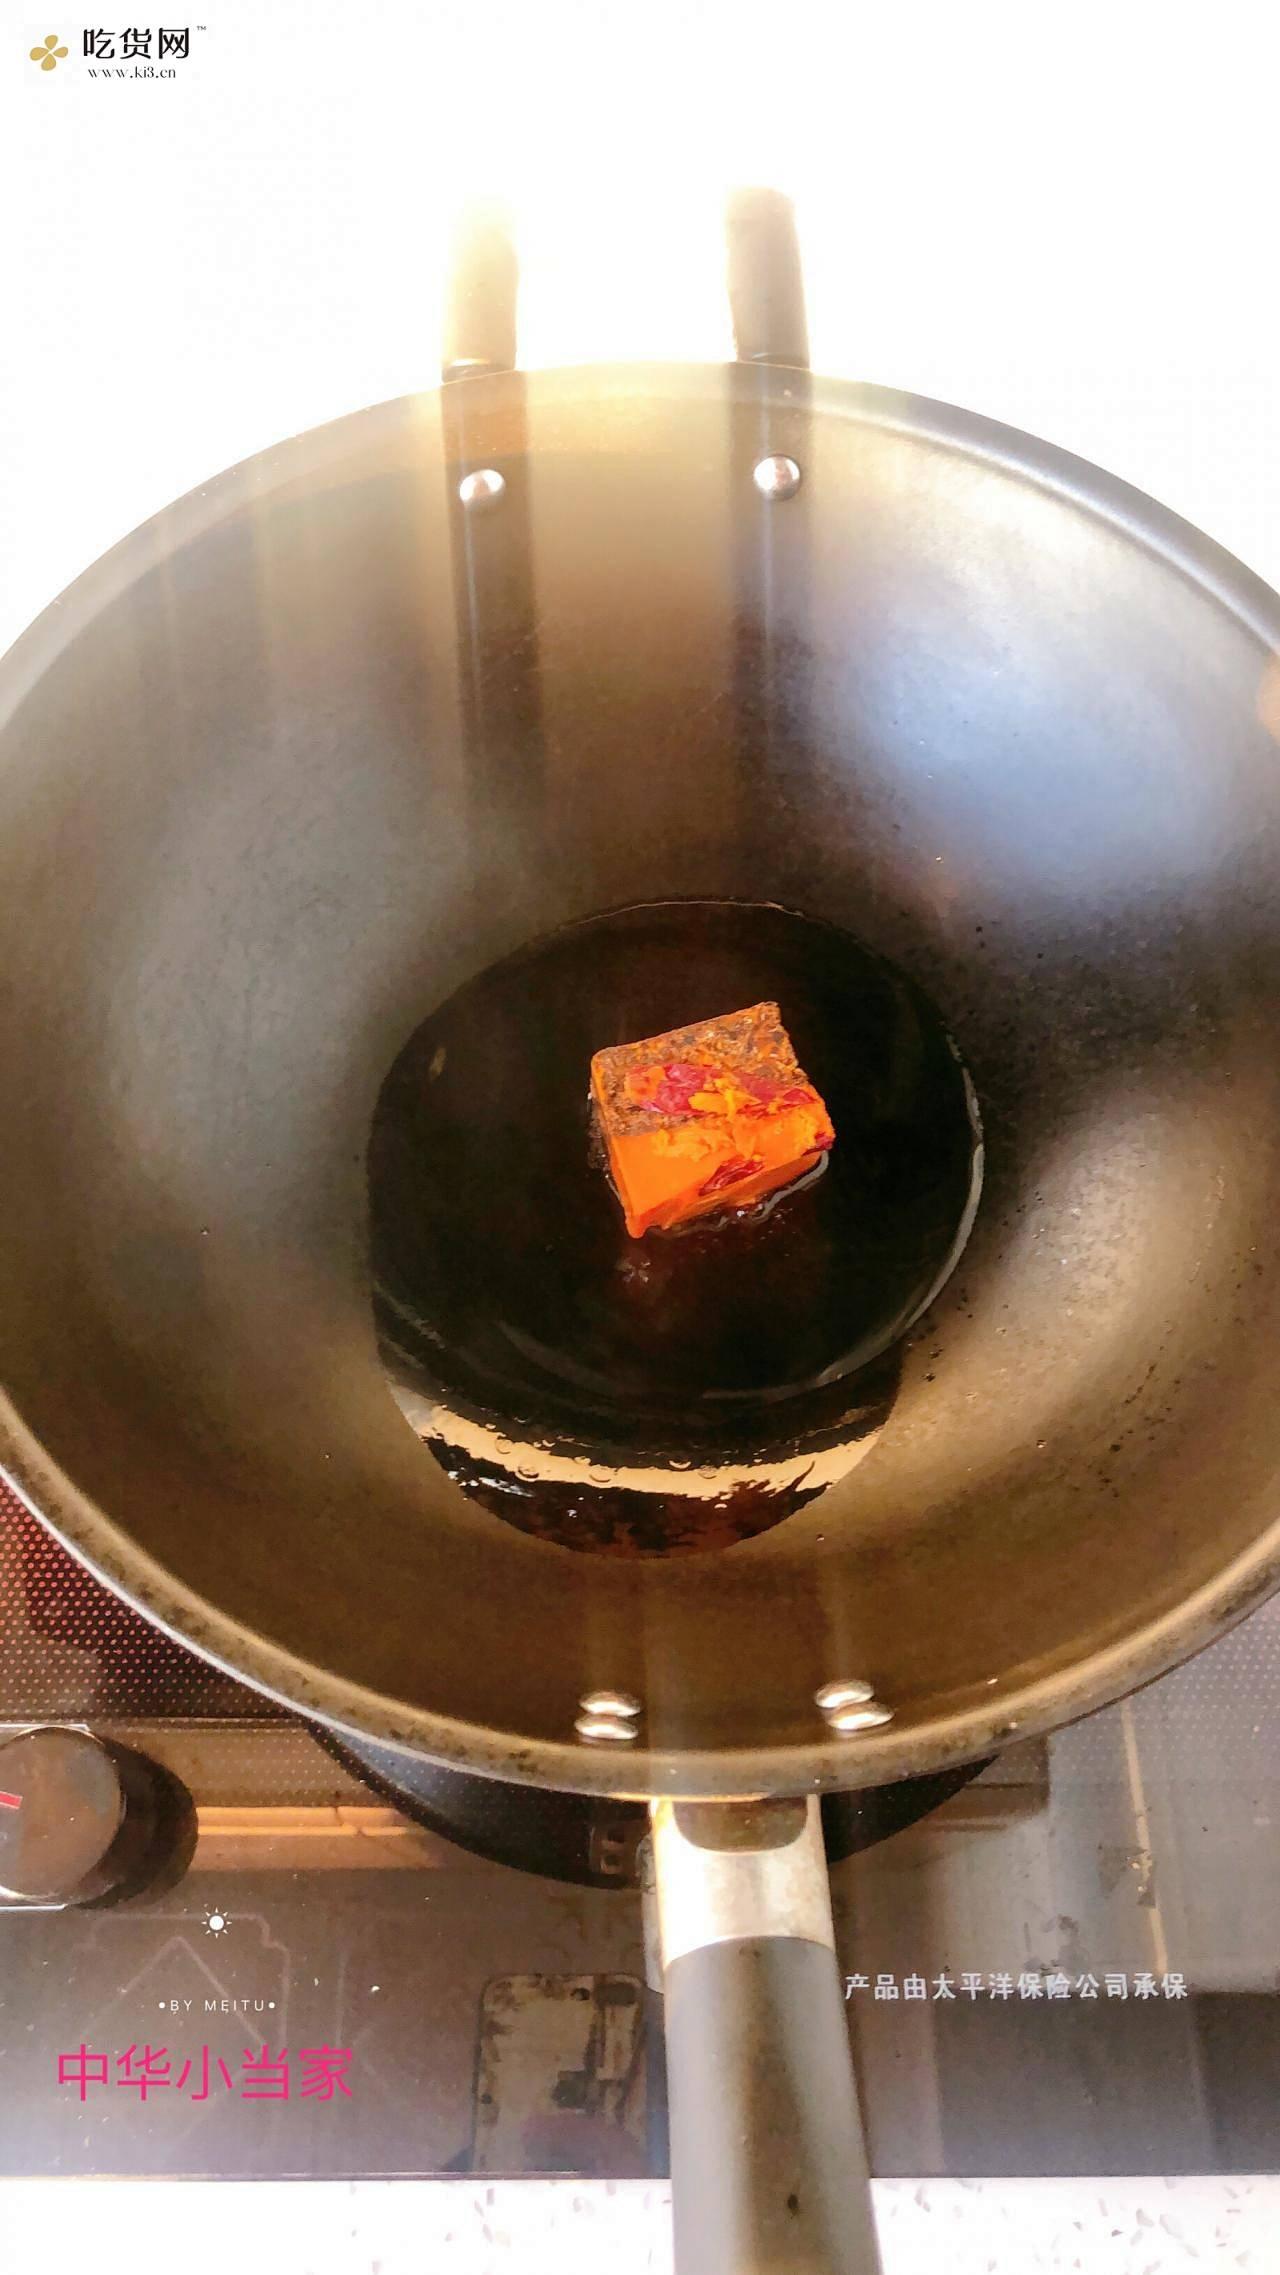 麻辣十三香小龙虾尾的做法 步骤2